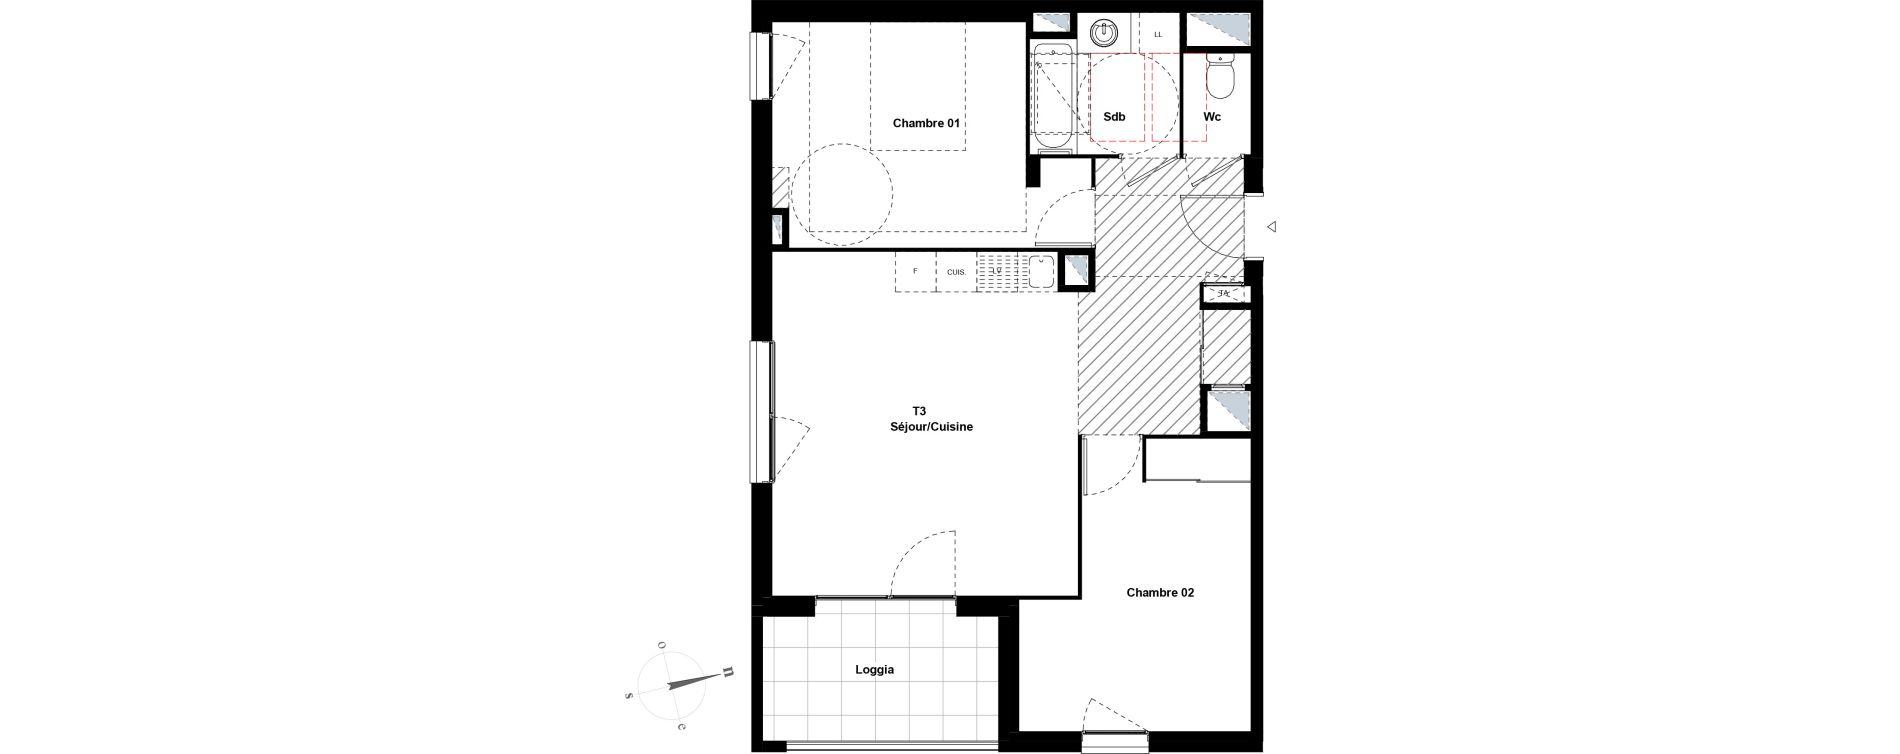 Appartement T3 de 63,85 m2 à Villeurbanne Gratte-ciel - dedieu - charmettes